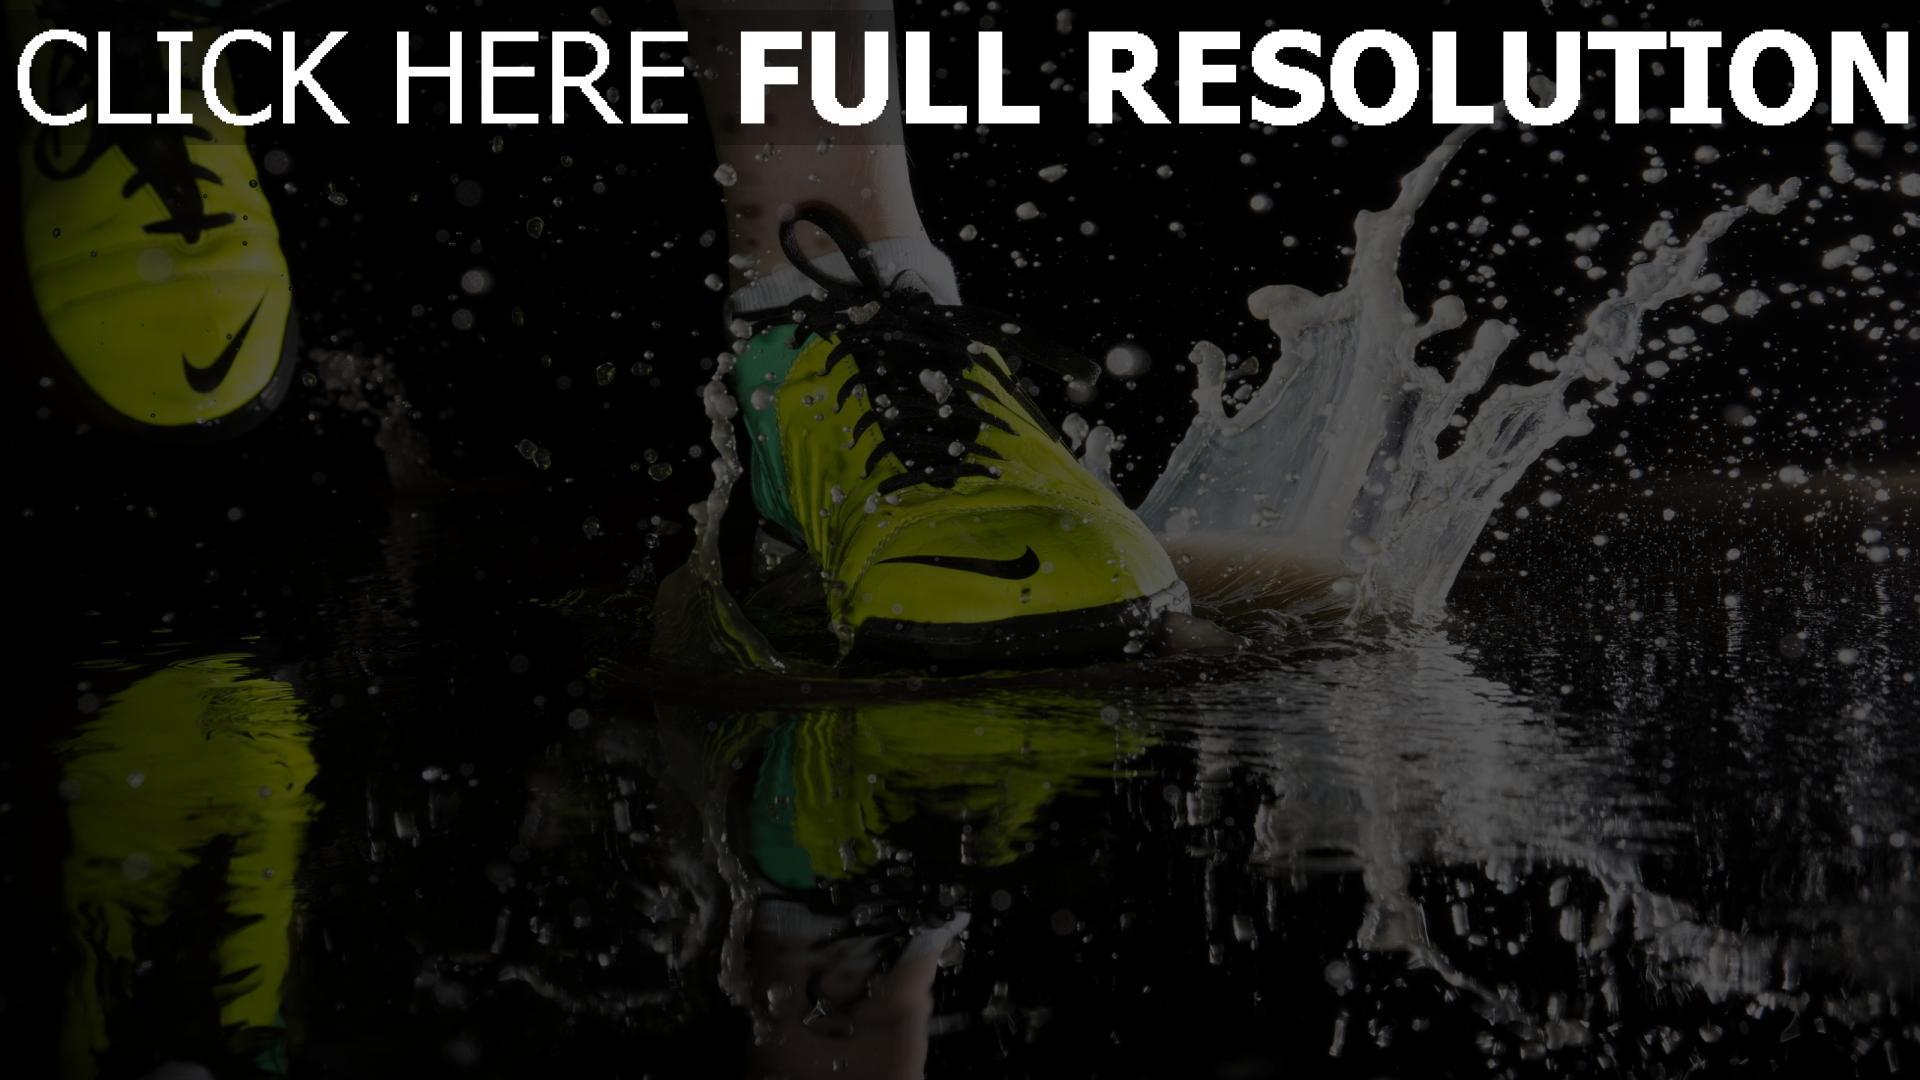 Laufen Full Herunterladen Schuhe Hd Hintergrundbilder 1920x1080 7vYbfg6y